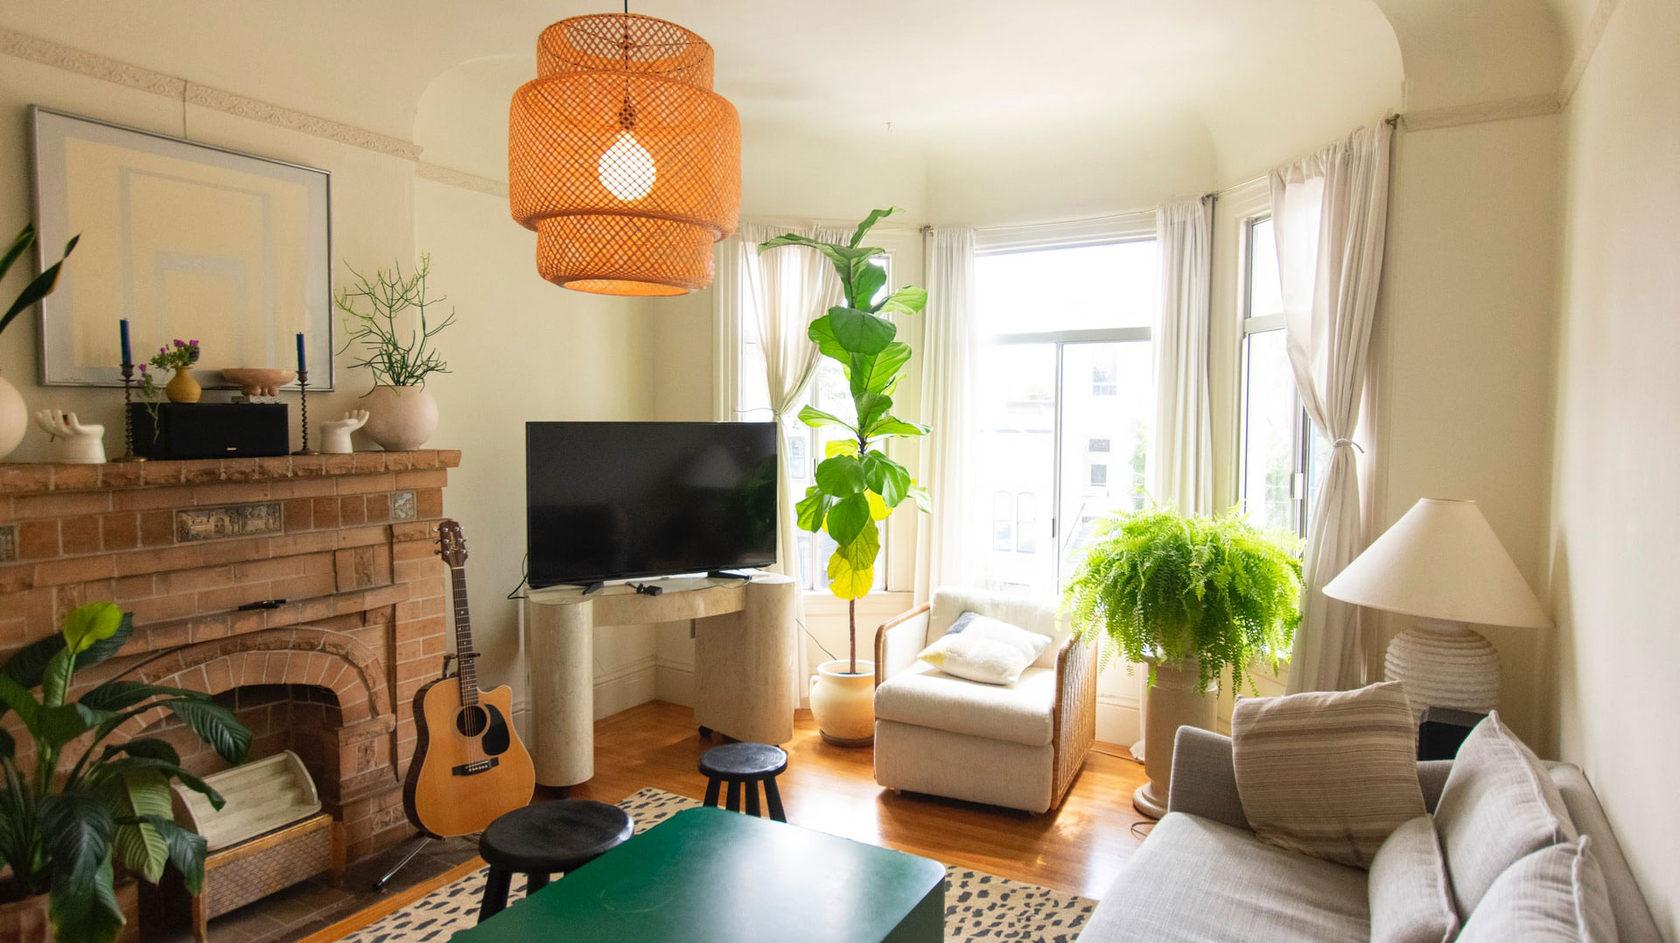 Сколько стоит сдать в аренду квартиру в оаэ недвижимость в кушадасы